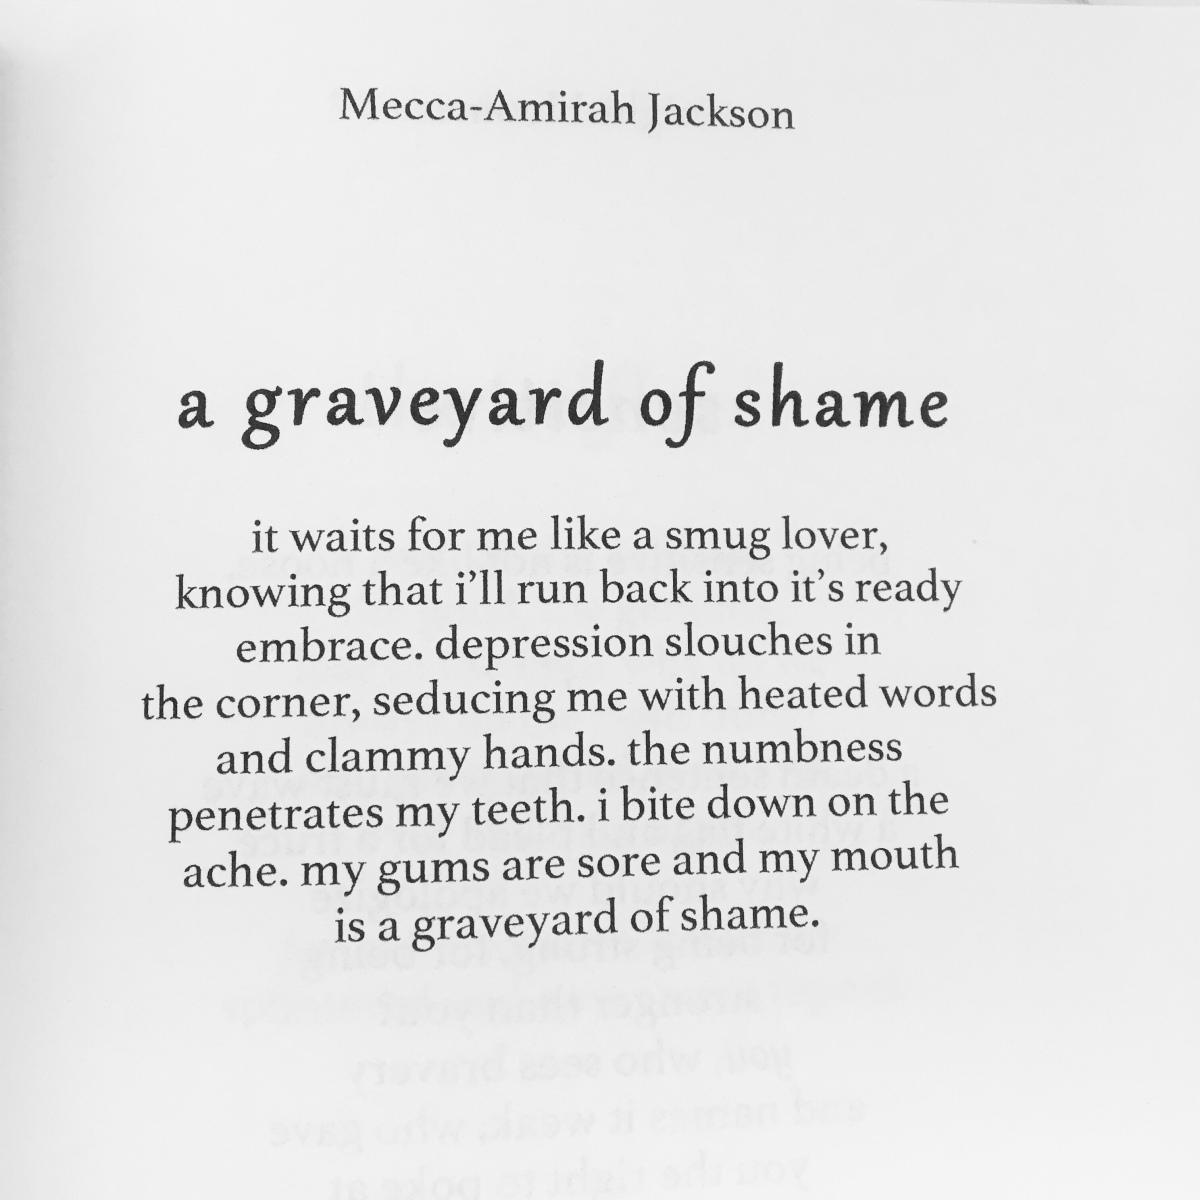 a graveyard of shame